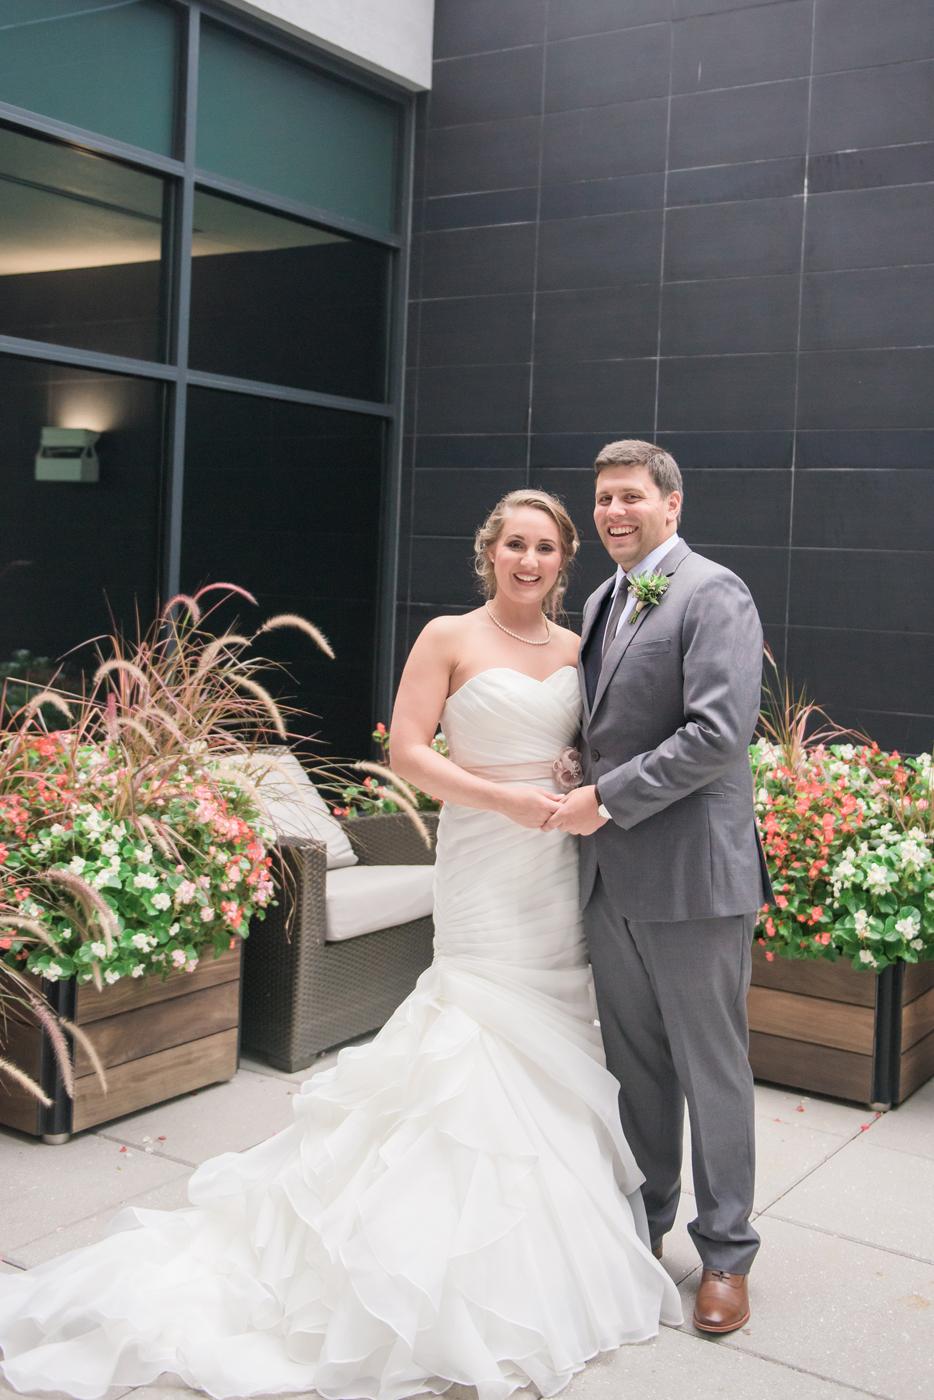 032-0118-jse-wedding-baltimore-3830